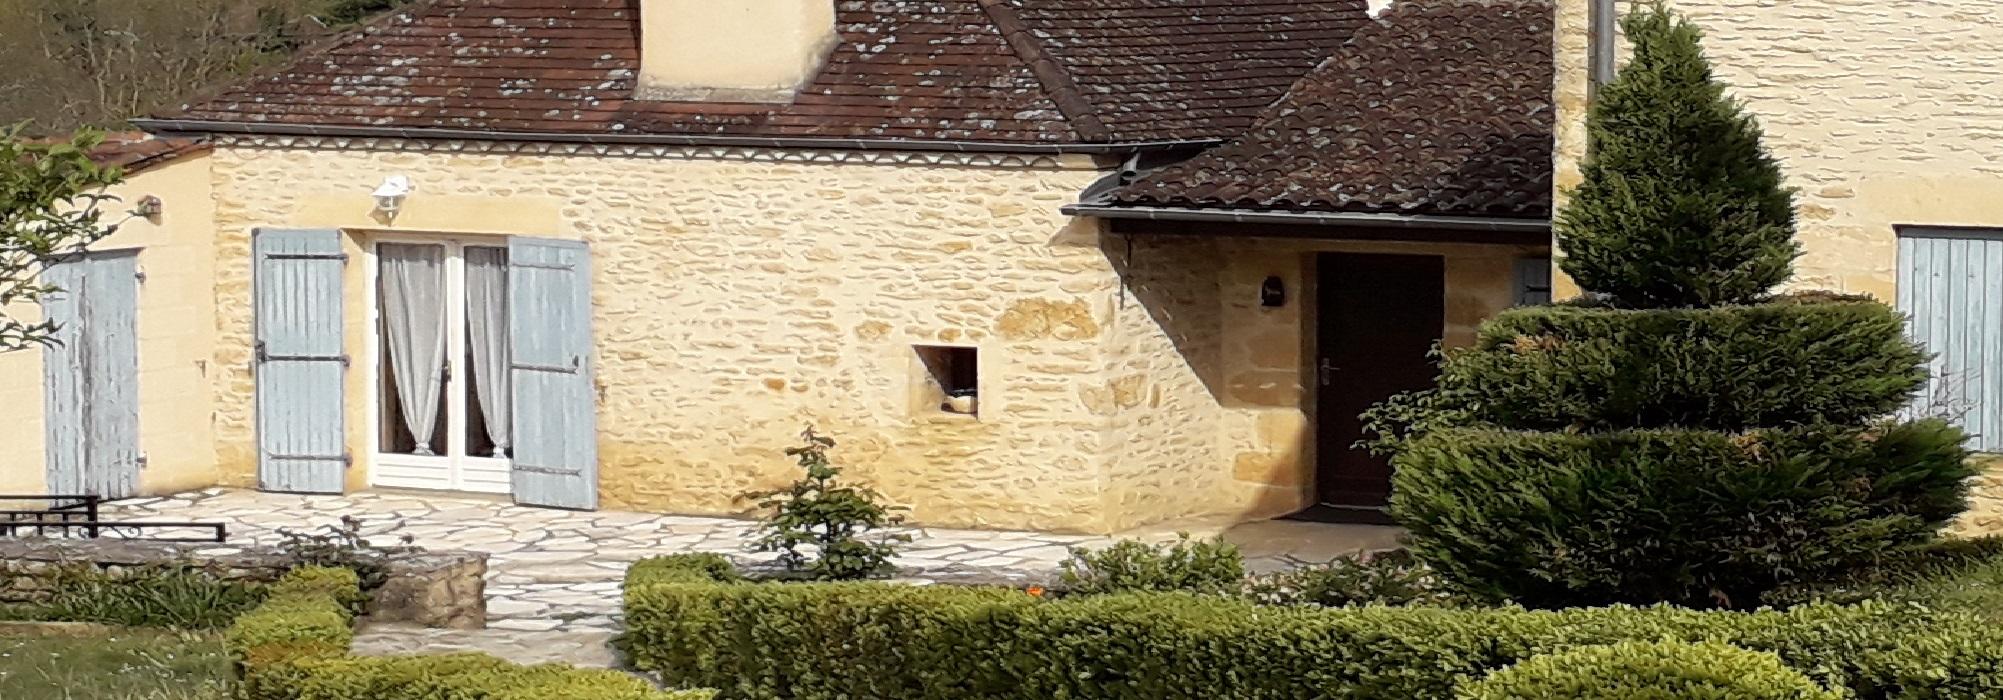 Maison ancienne à rénover, Sarlat